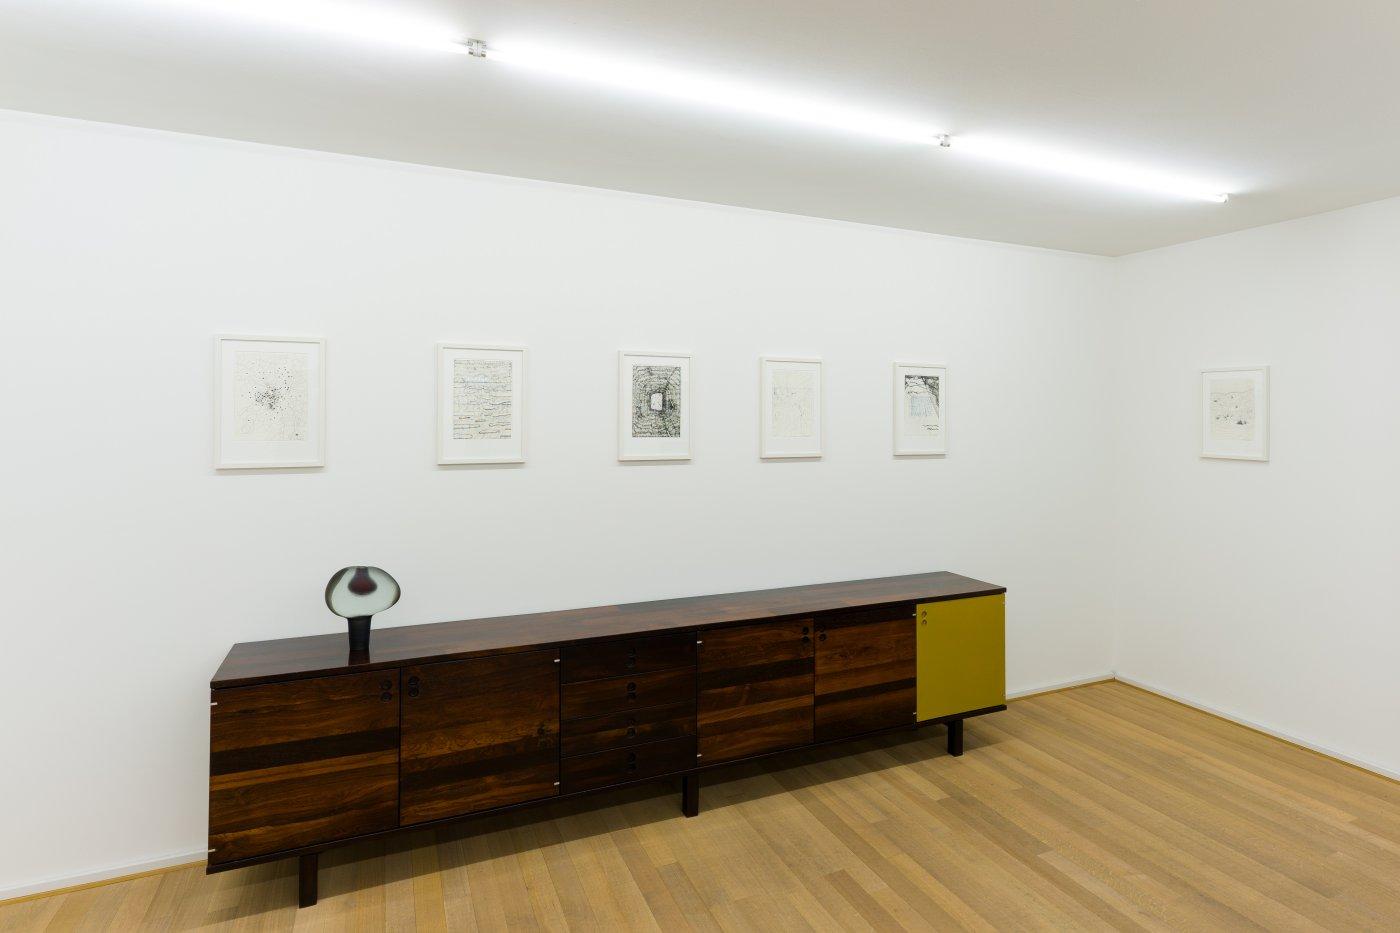 Mai 36 Galerie Ernst Caramelle Jorge Mendez Blake Christoph Rutimann 3